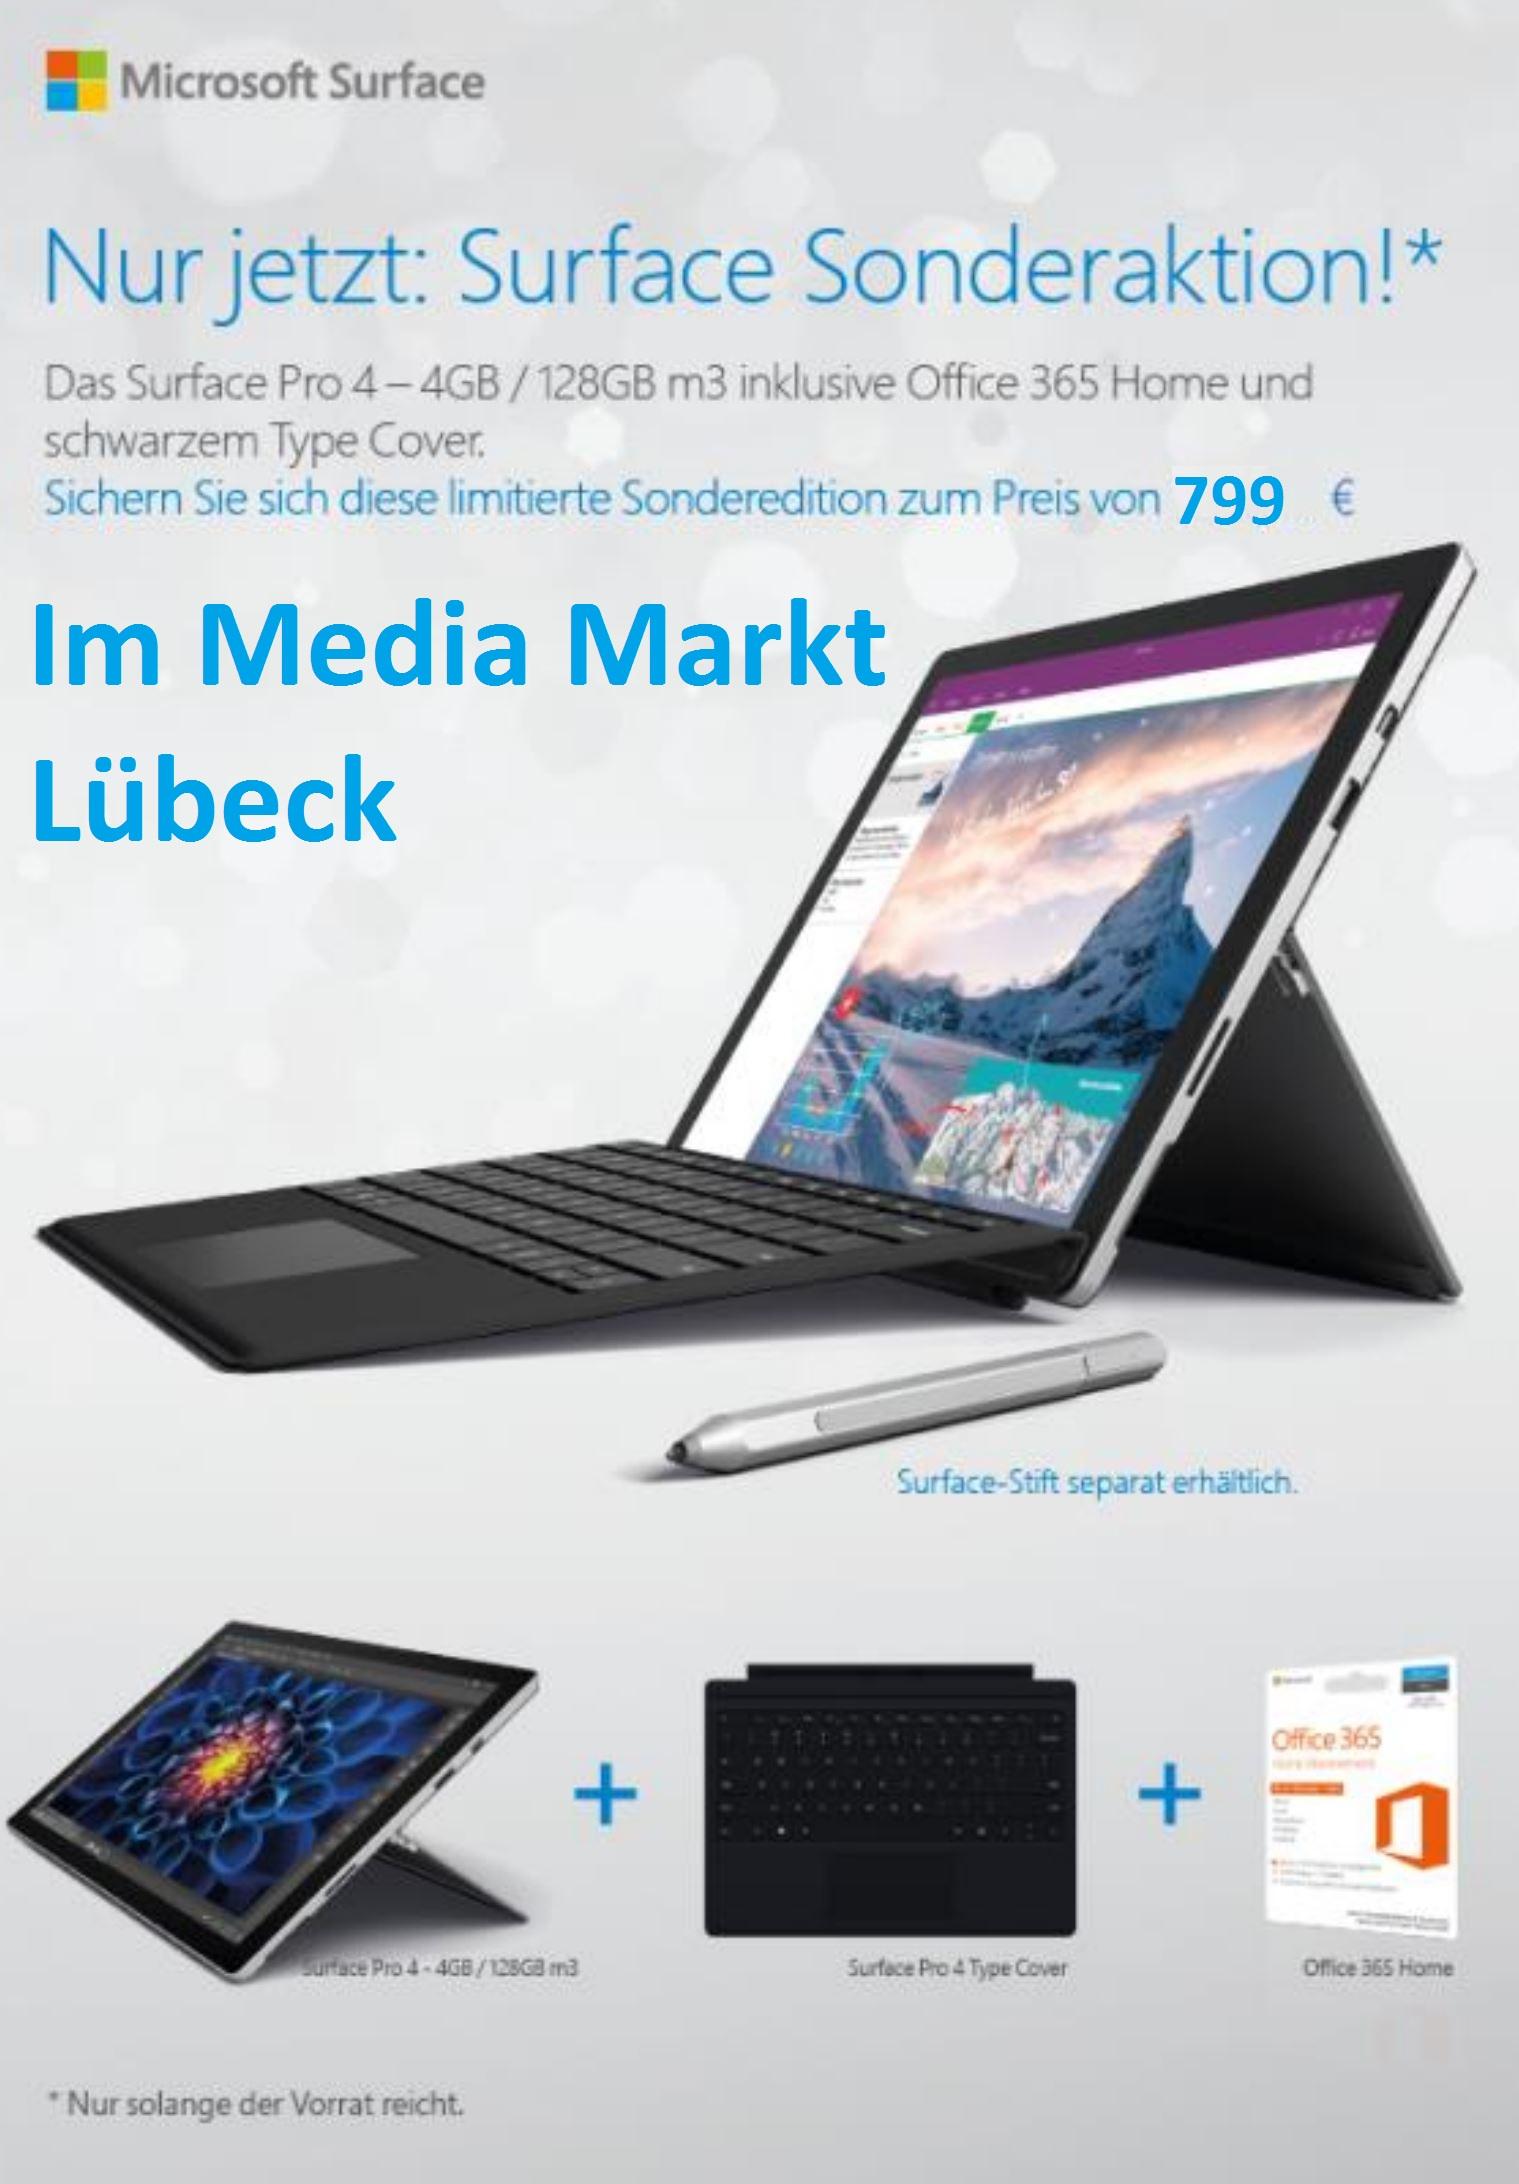 AB 1.12. Surface Pro 4 m3 für 779,- mit schwarzem Type Cover + Office 365 Home MediaMarkt Lübeck